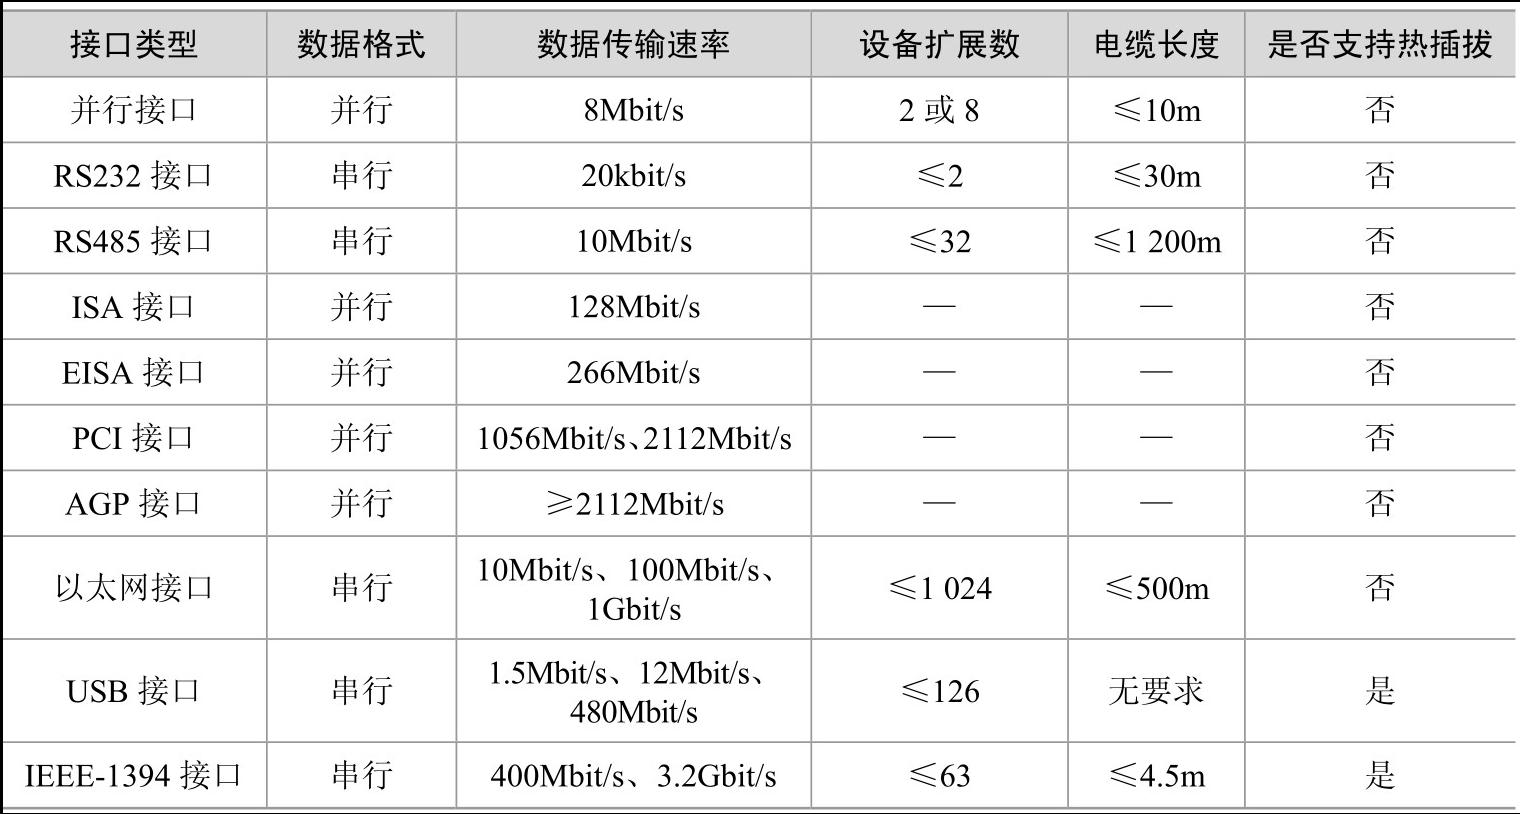 表 1.1 常用计算机接口性能比较